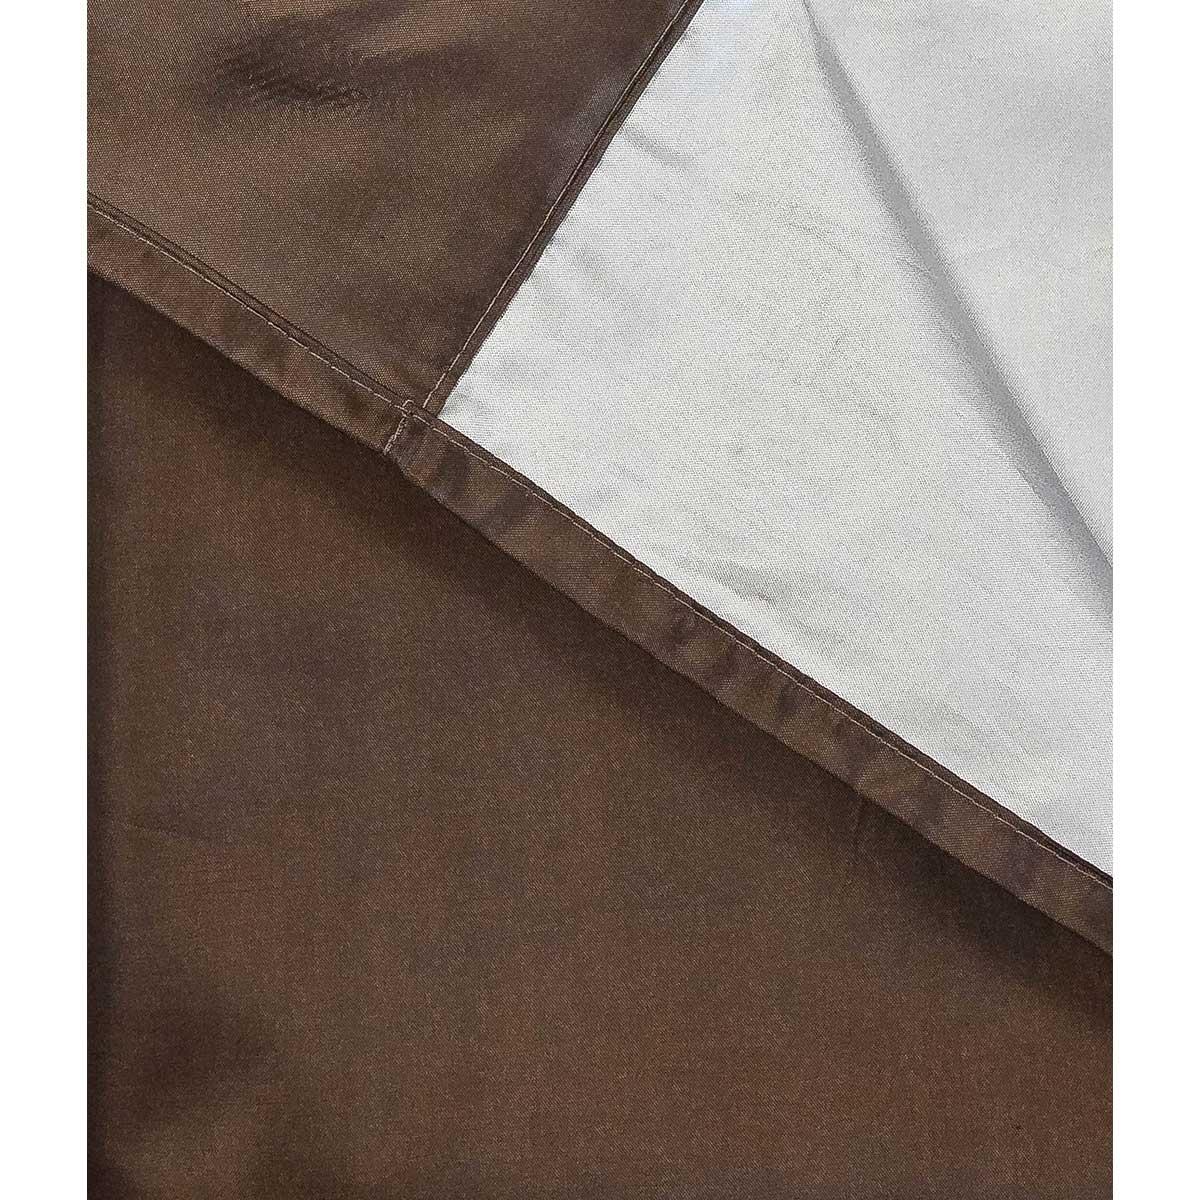 Tissu doublure obscurcissant et thermique